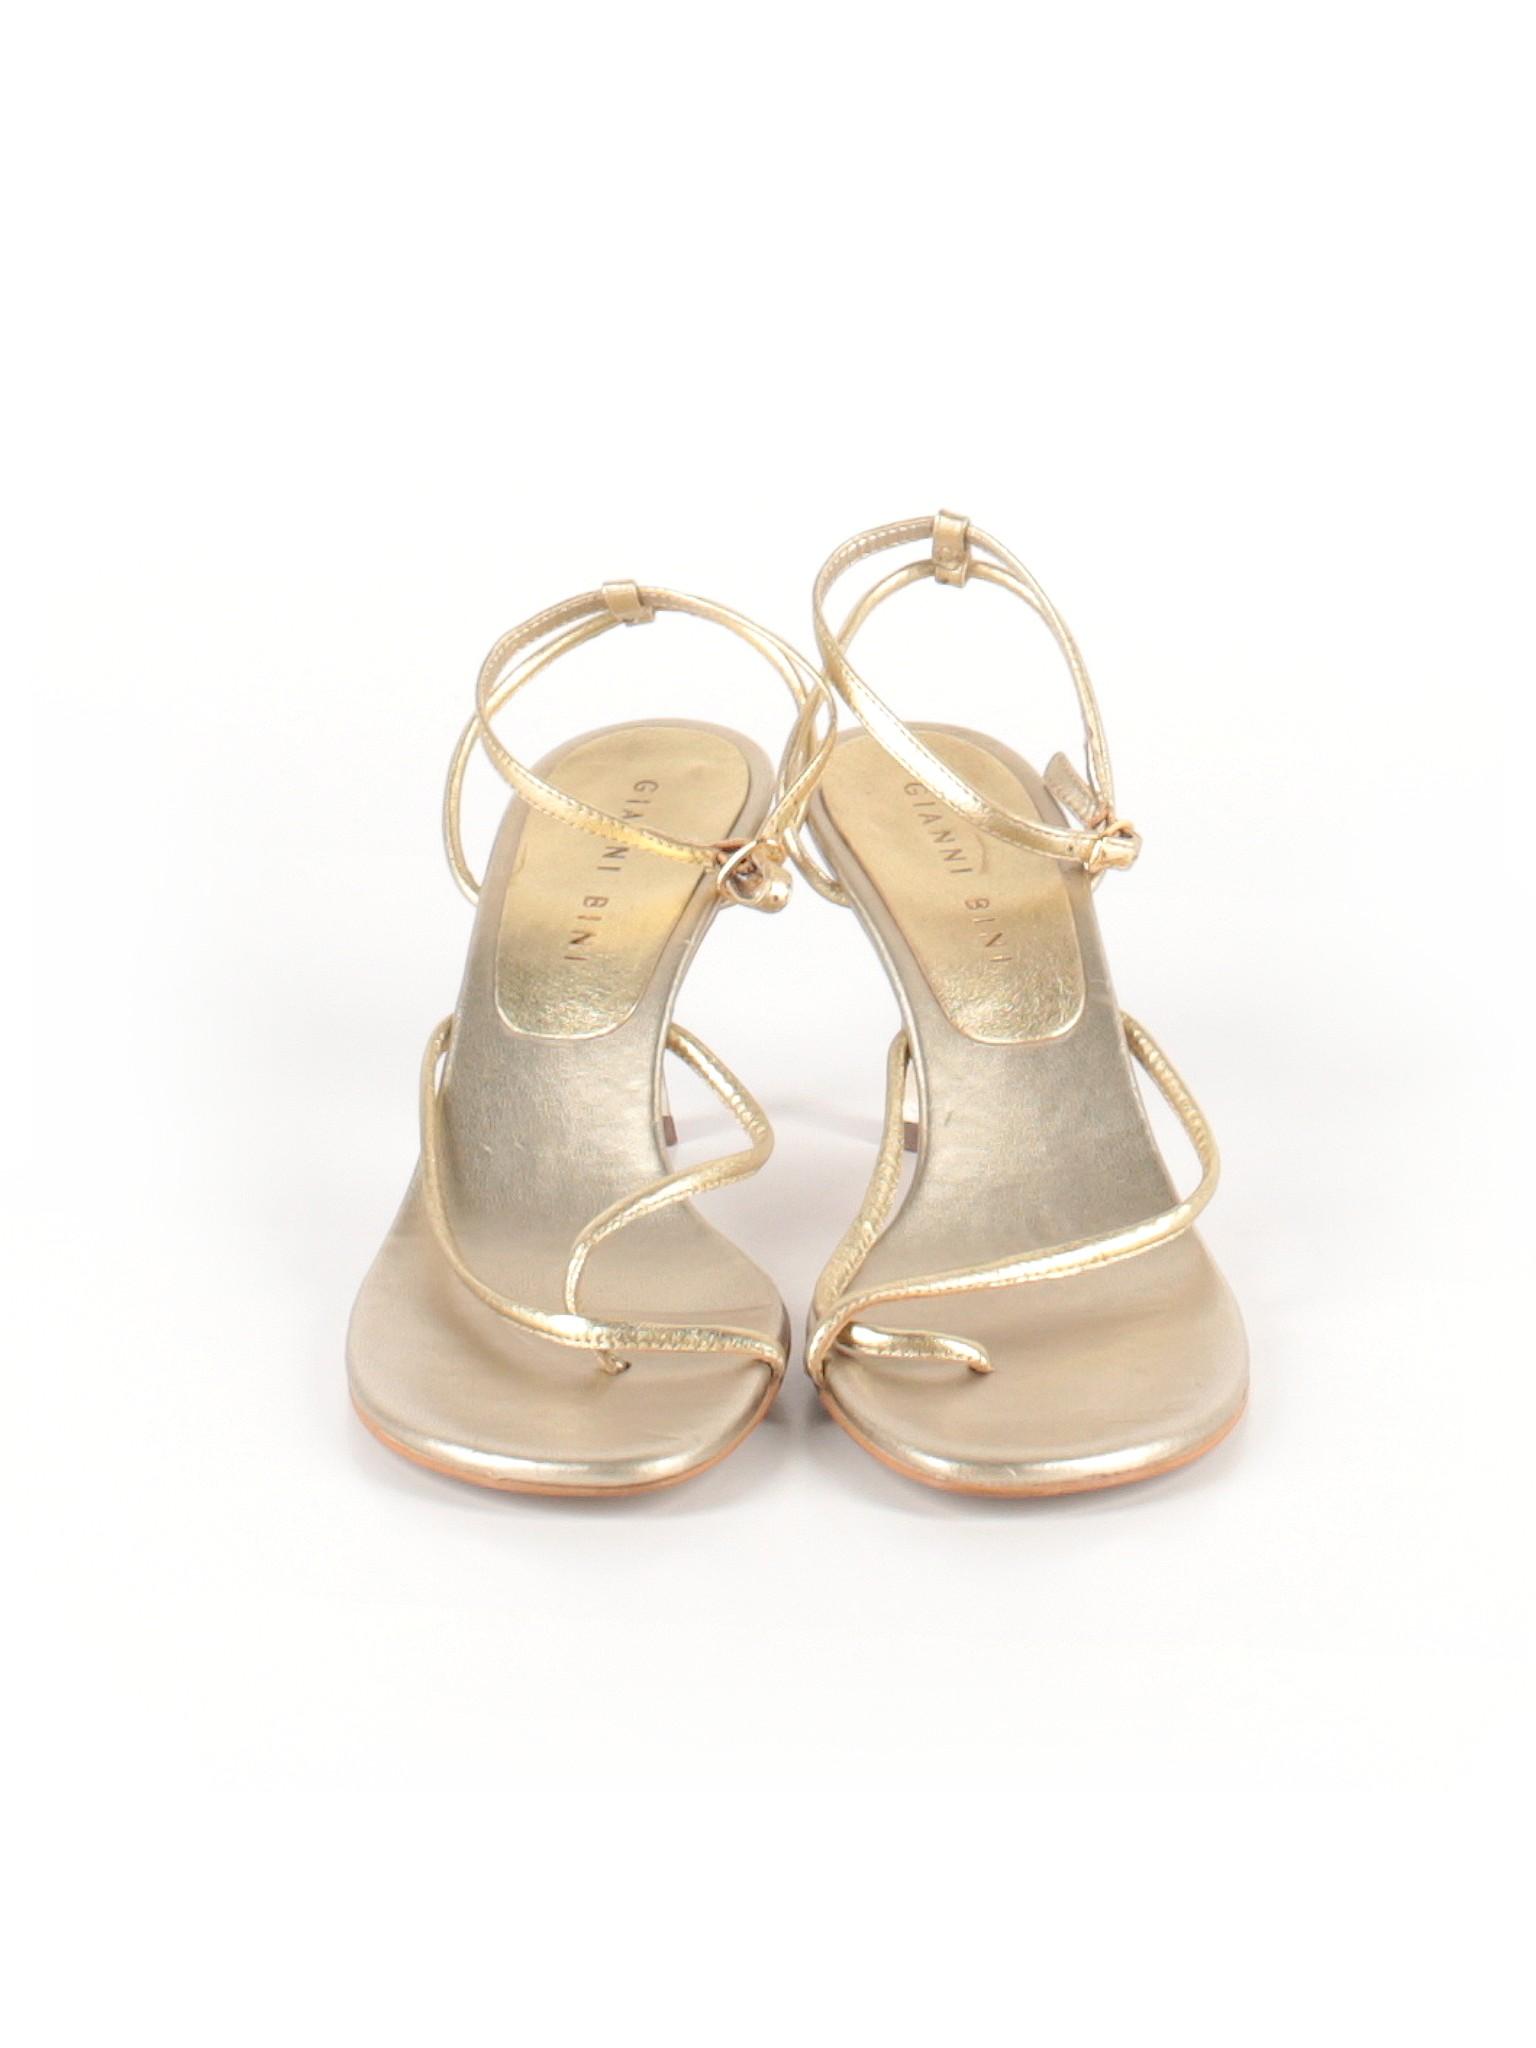 Gianni promotion Boutique Boutique Heels promotion Bini qEUwt